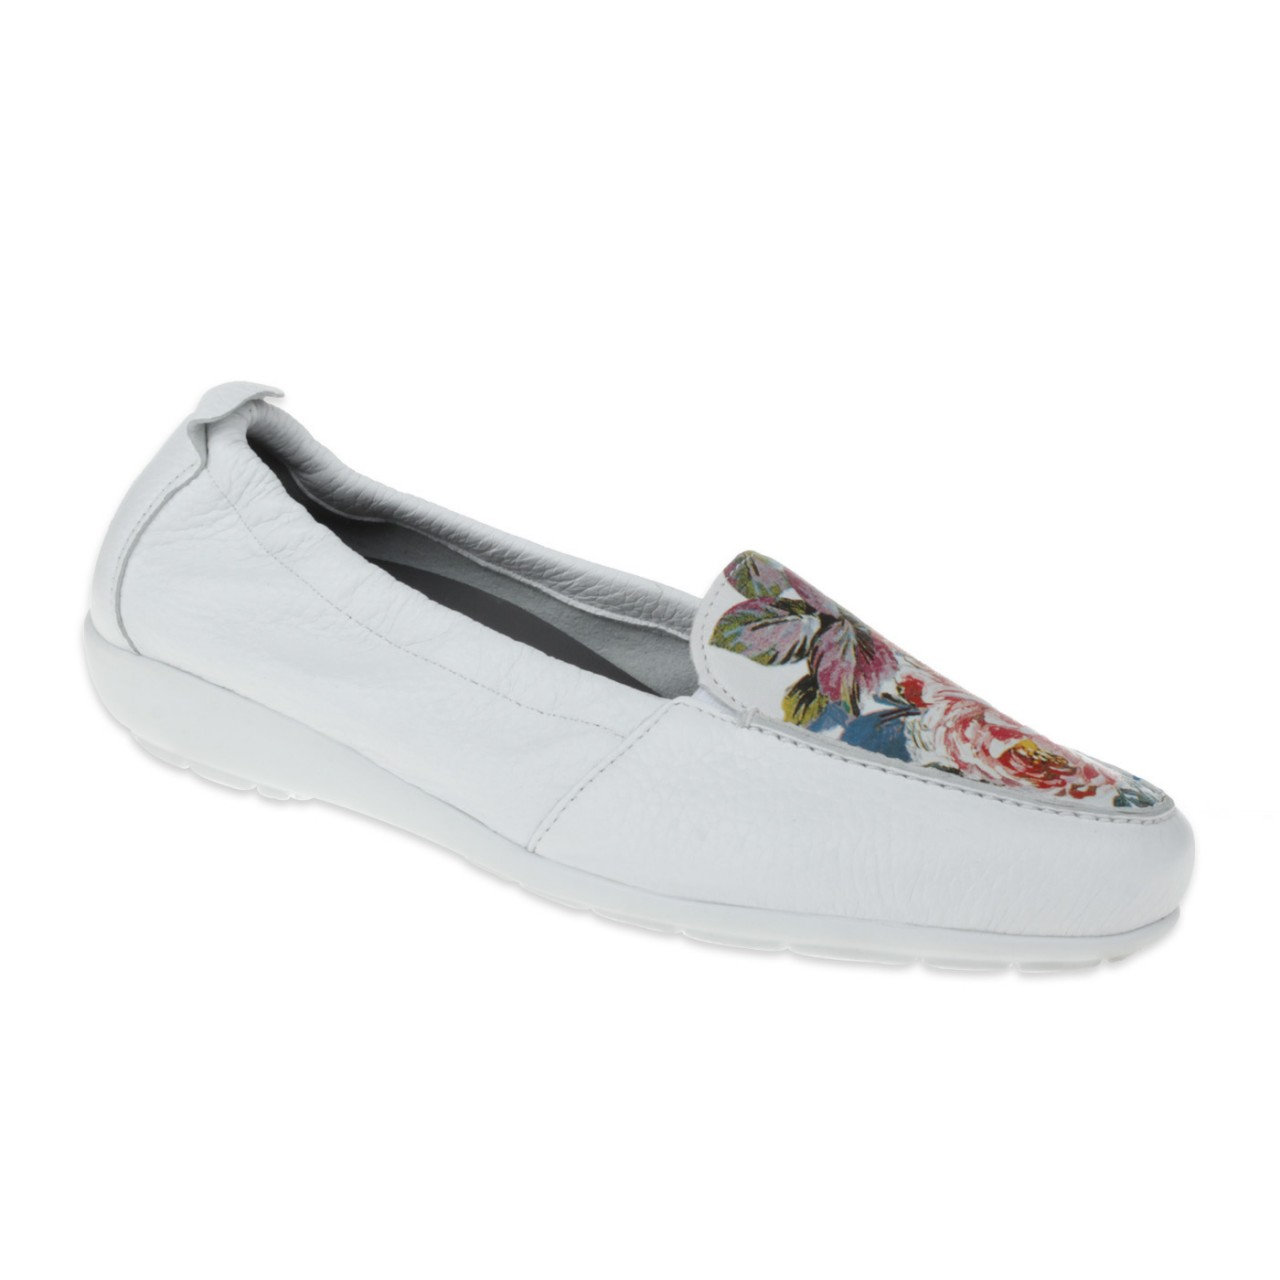 Für Schuhe Weite Schuhe Tragekomfort Weite Tragekomfort Deinen Weite Deinen Für Tragekomfort Deinen Schuhe 9IEWDH2